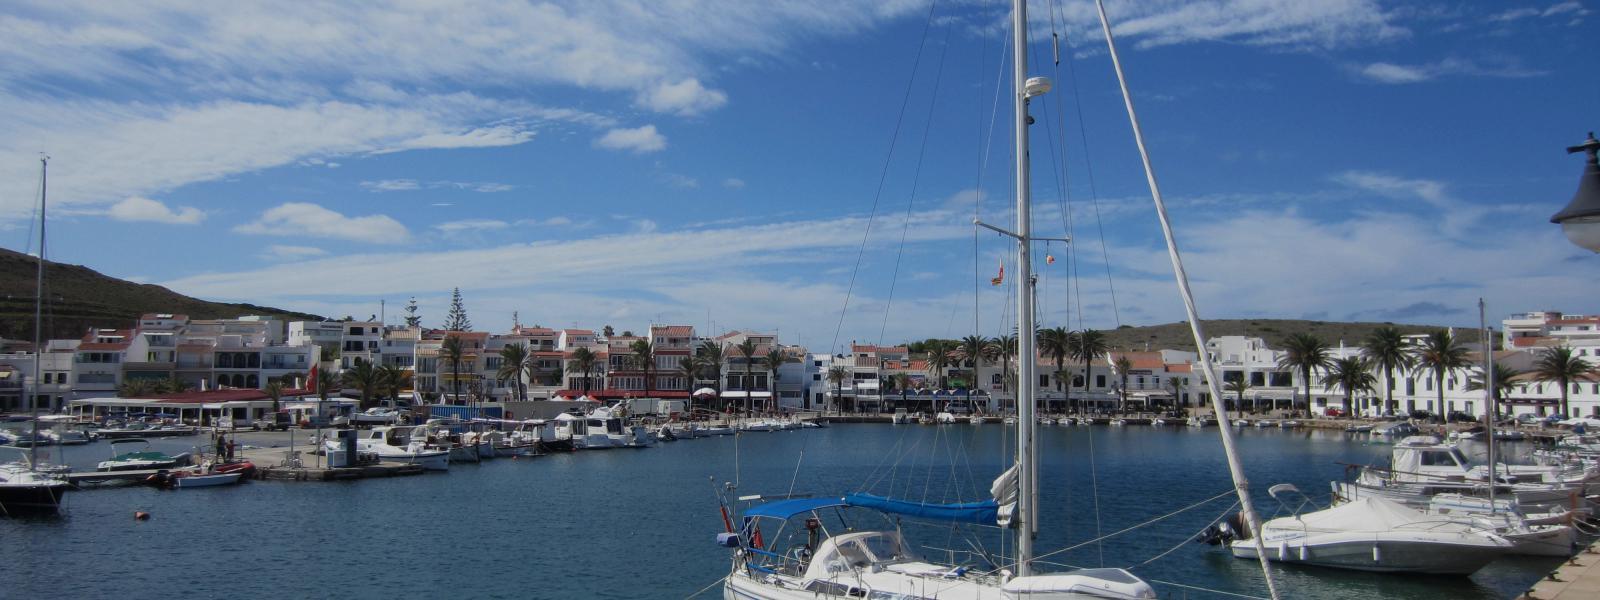 baaien - Menorca